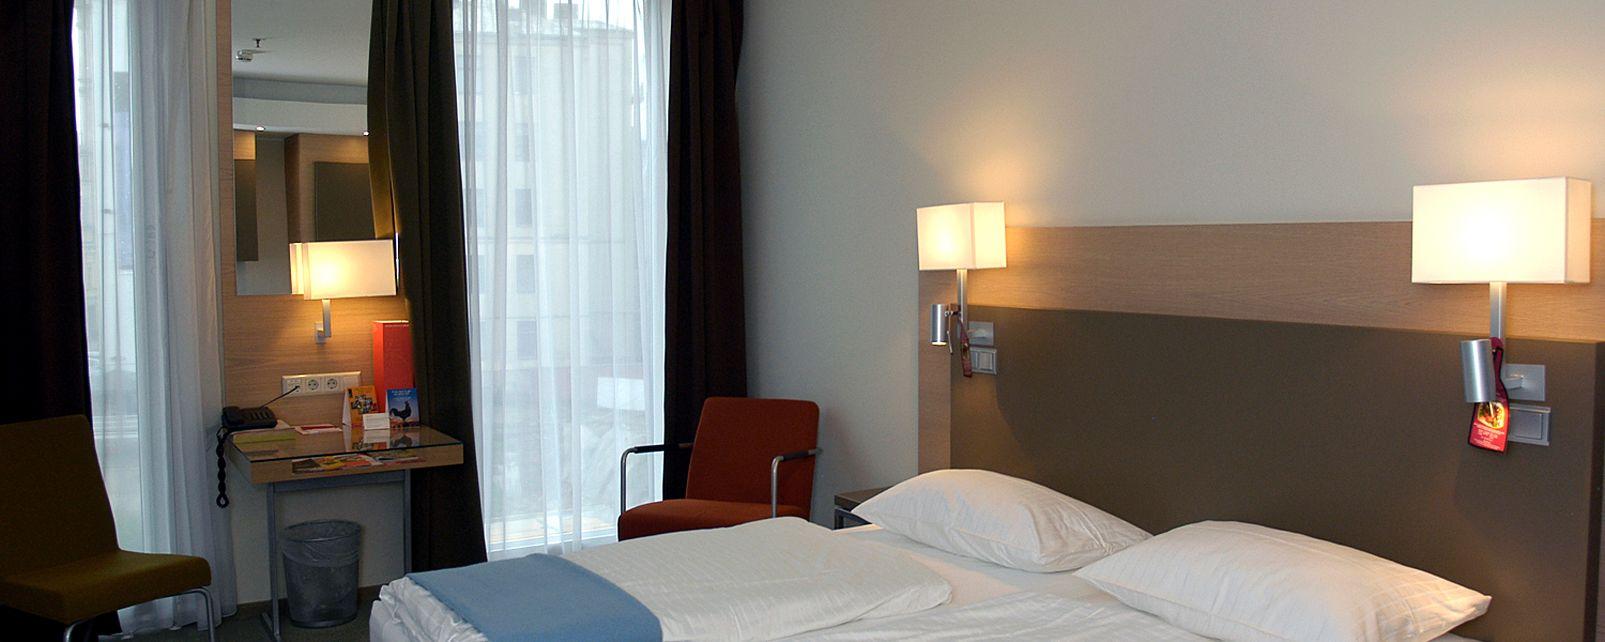 Hôtel Reval Riga